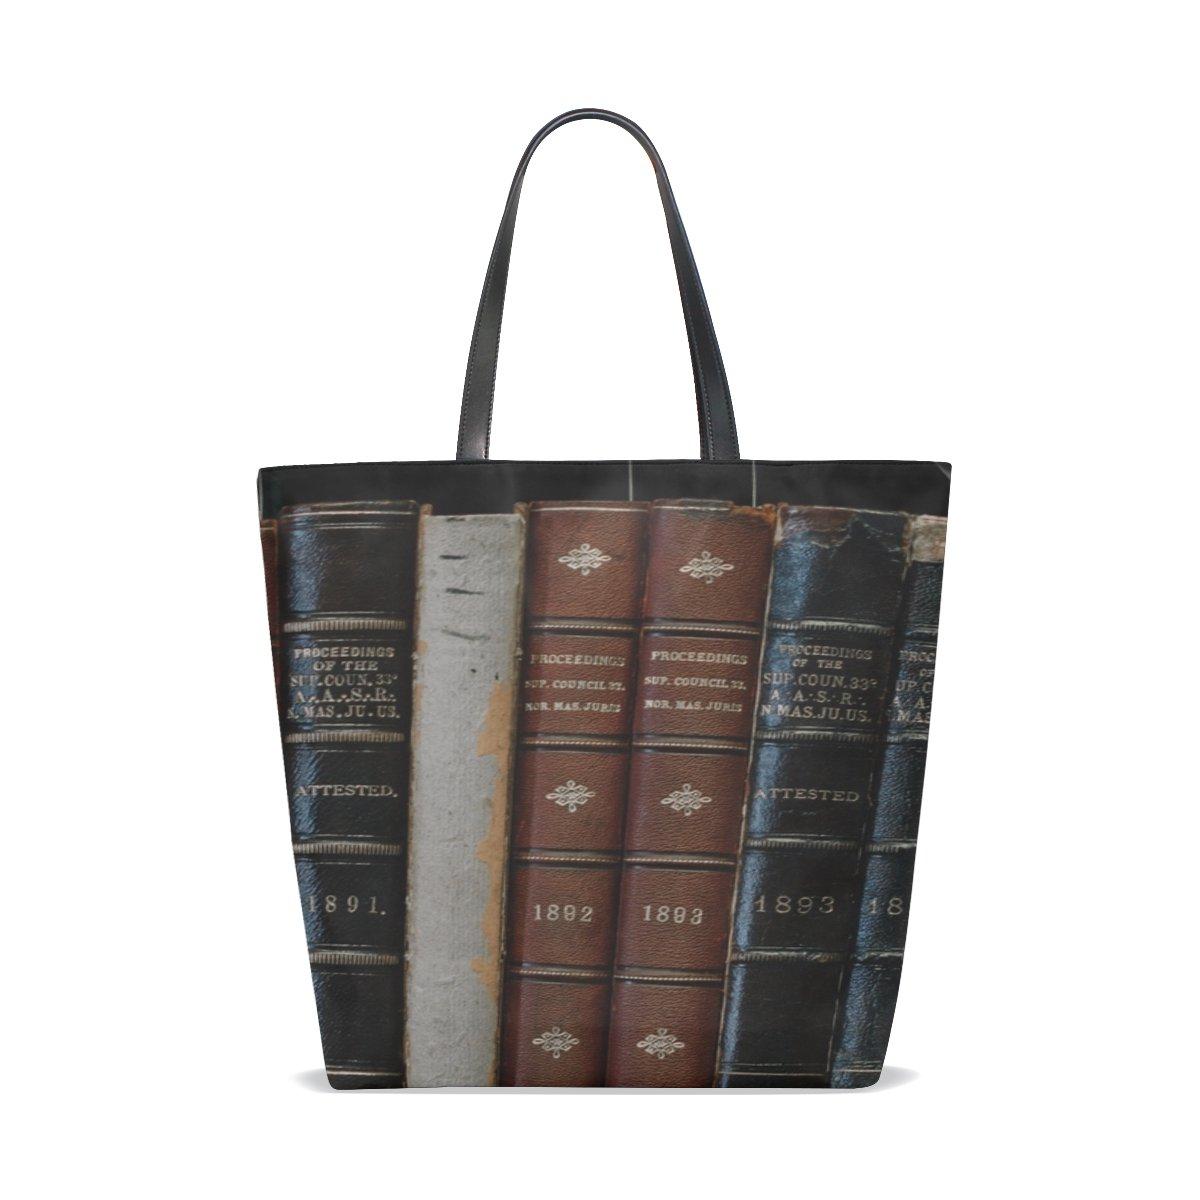 Amazon.com: Rh Studio - Bolso para biblioteca, estantería ...